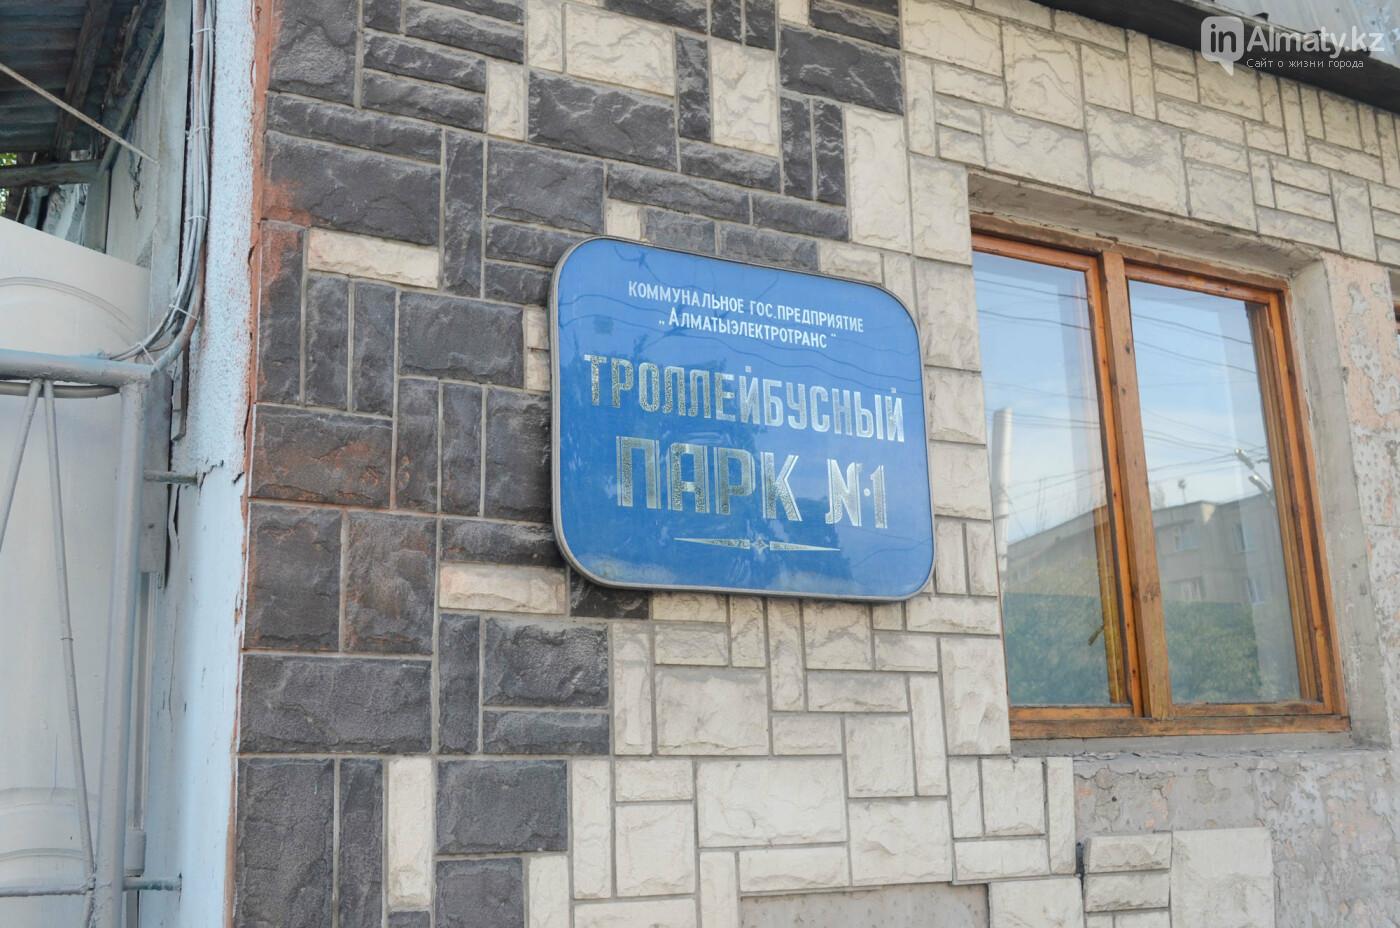 Юбилей троллейбуса отметили в Алматы (фото), фото-23